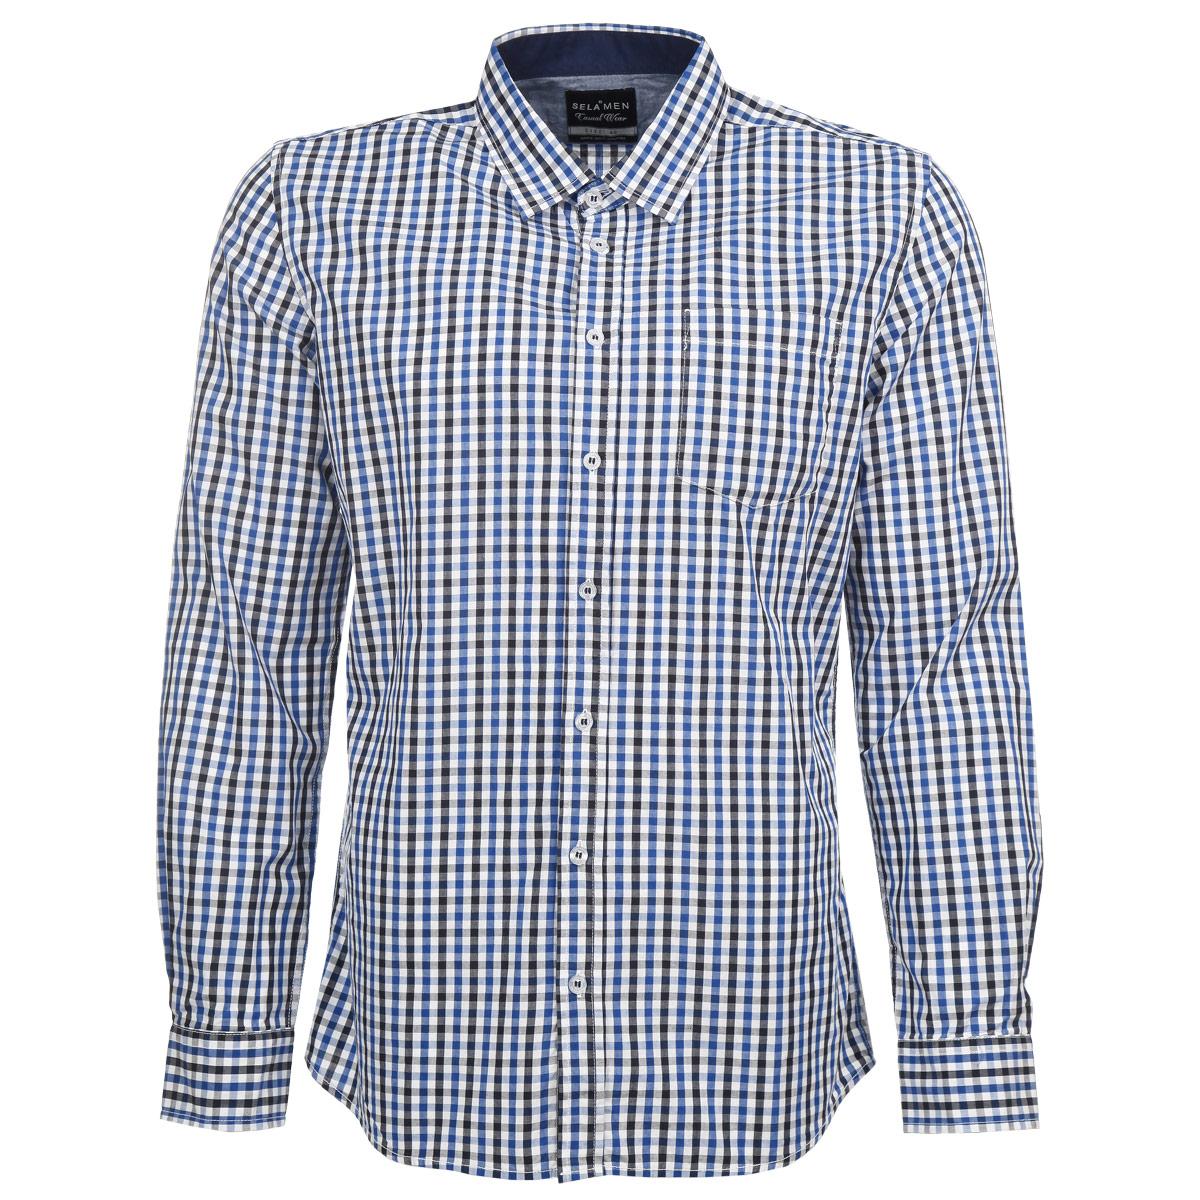 Рубашка мужская. H-212/203-5322H-212/203-5322Стильная мужская рубашка Sela, выполненная из высококачественного хлопкового материала, обладает высокой теплопроводностью, воздухопроницаемостью и гигроскопичностью. Рубашка прямого кроя с длинными рукавами, полукруглым низом и отложным воротником застегивается на пуговицы. Модель оформлена принтом в клетку. На груди изделие дополнено накладным карманом. Такая рубашка будет дарить вам комфорт в течение всего дня и послужит замечательным дополнением к вашему гардеробу.